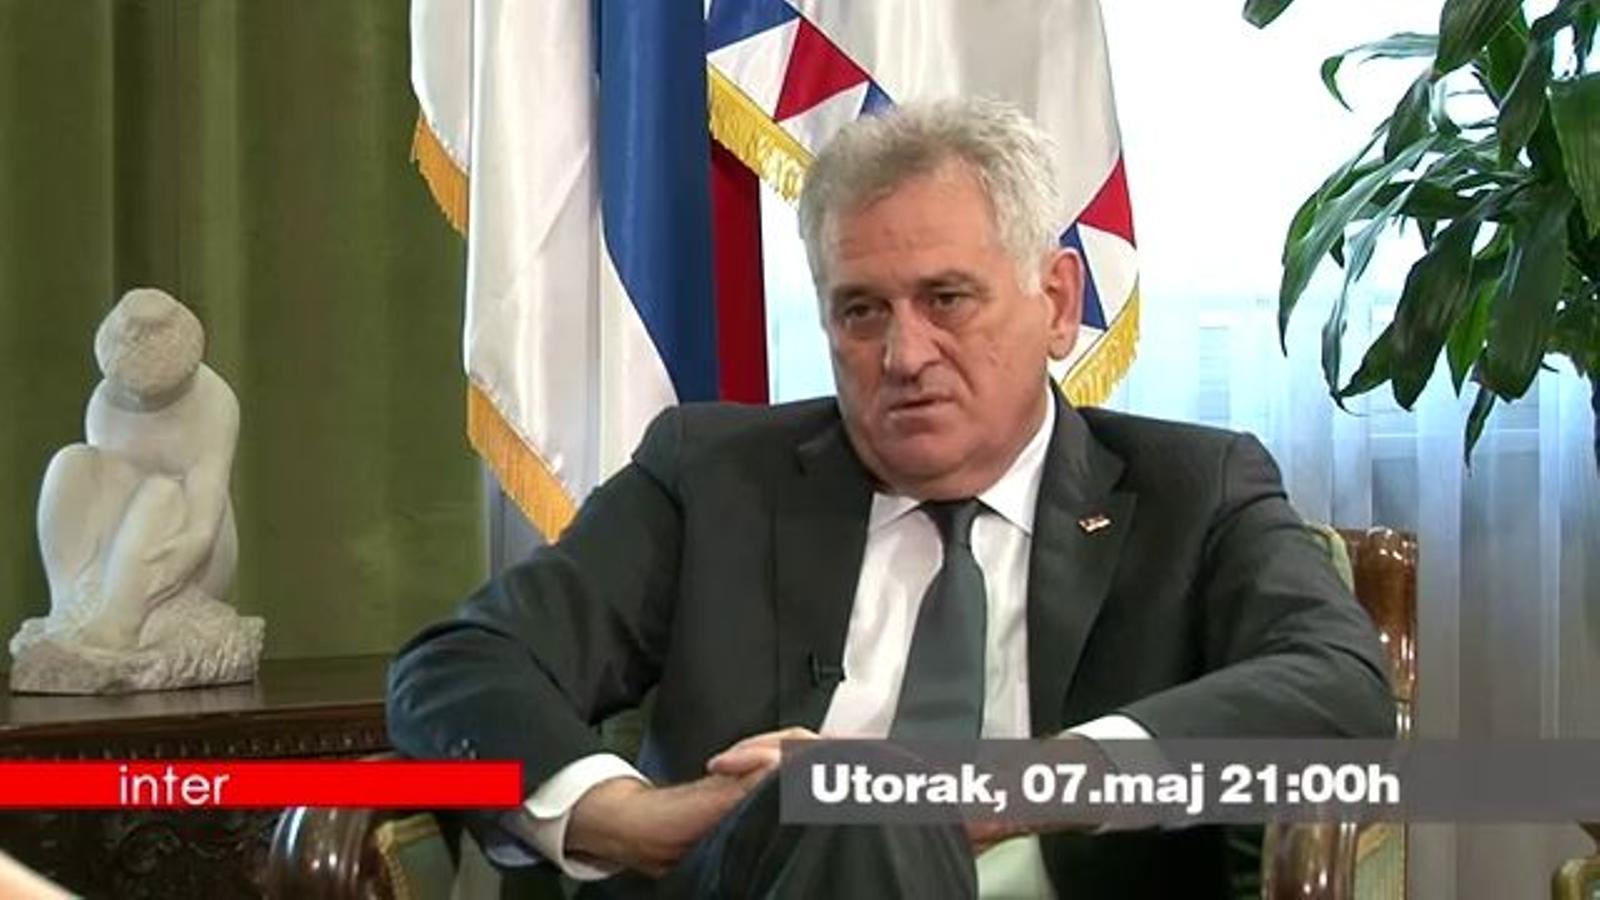 Tràiler de l'entrevista en què Tomislav Nikolic demana disculpes per la matança de Srebrenica